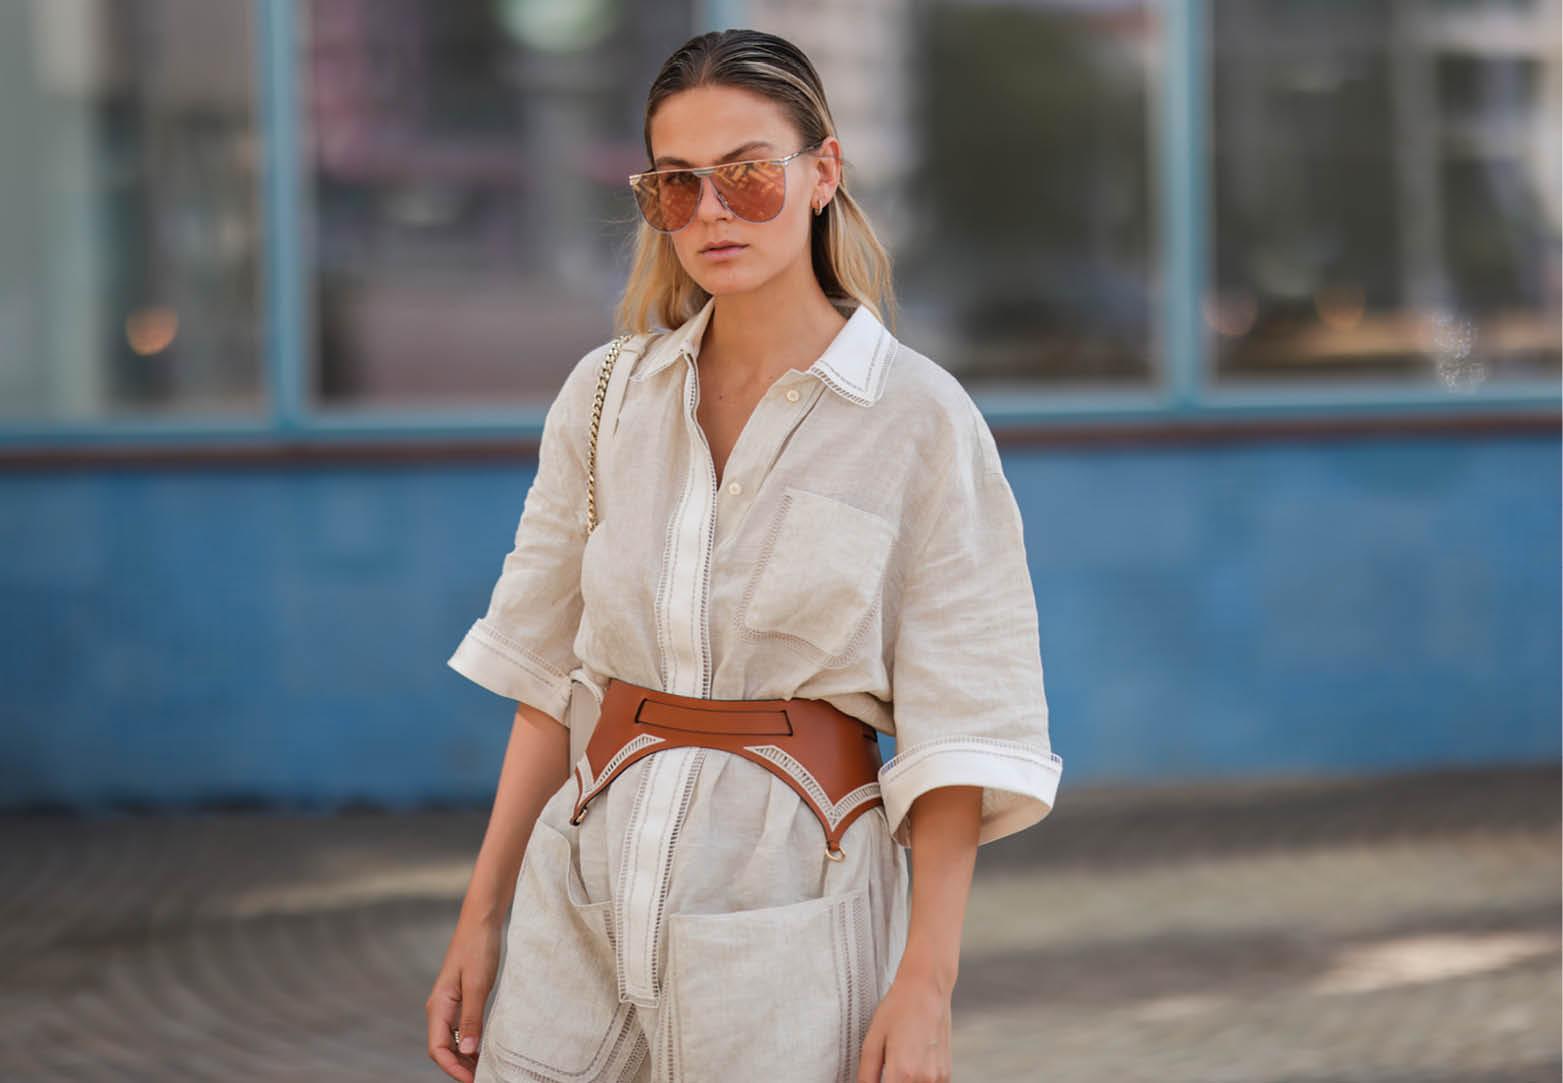 Alles over linnen (en waarom dit een duurzame optie is)